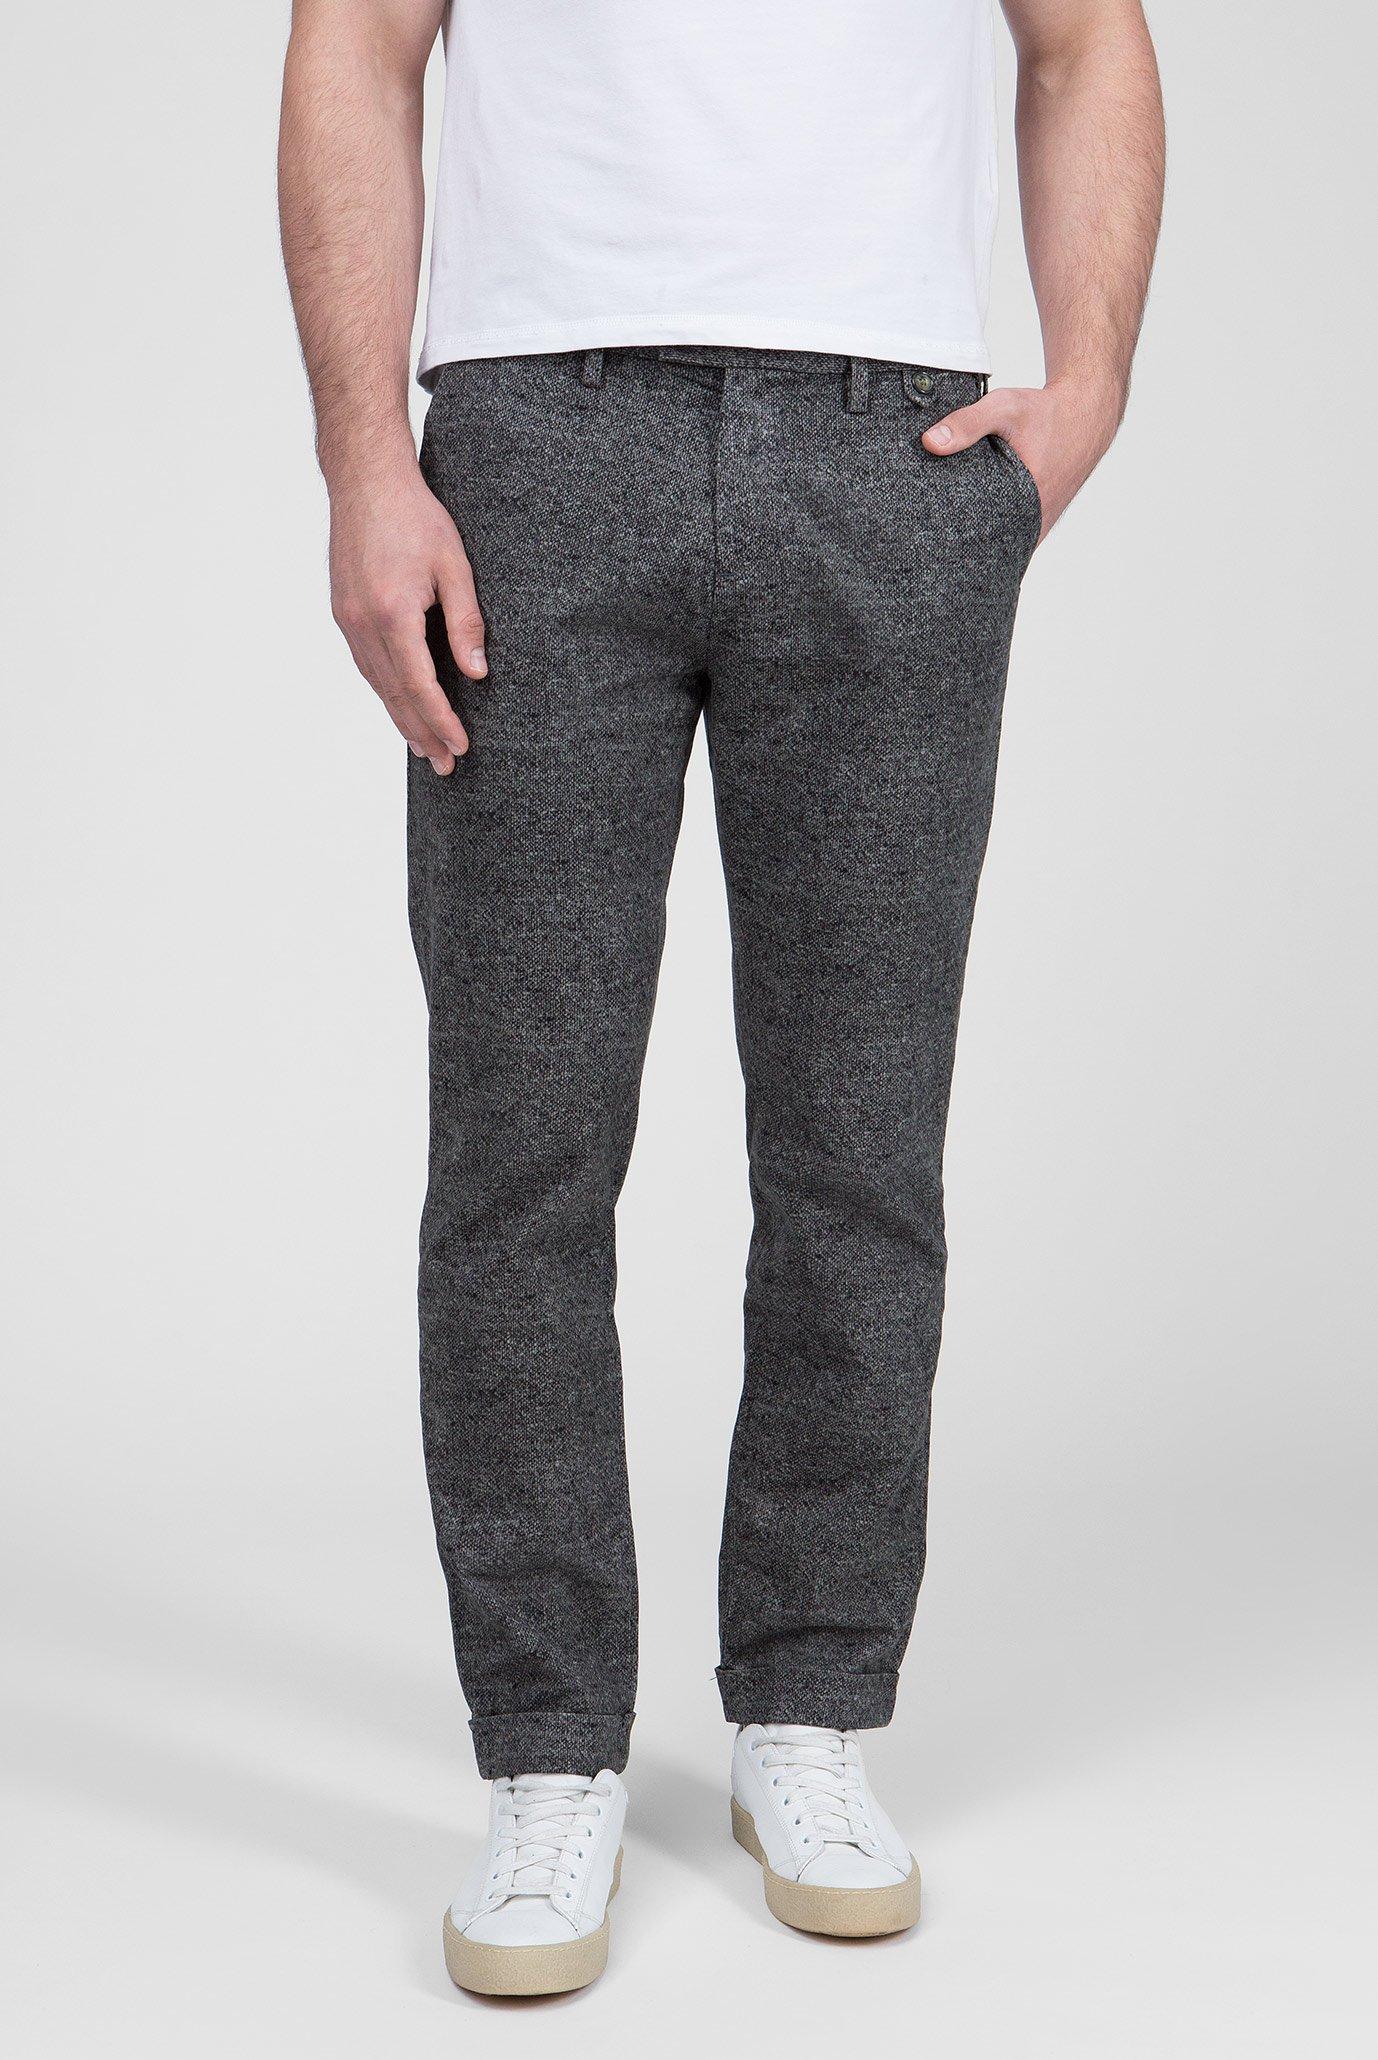 Купить Мужские серые чиносы BARTAK Pepe Jeans Pepe Jeans PM2111892 – Киев, Украина. Цены в интернет магазине MD Fashion